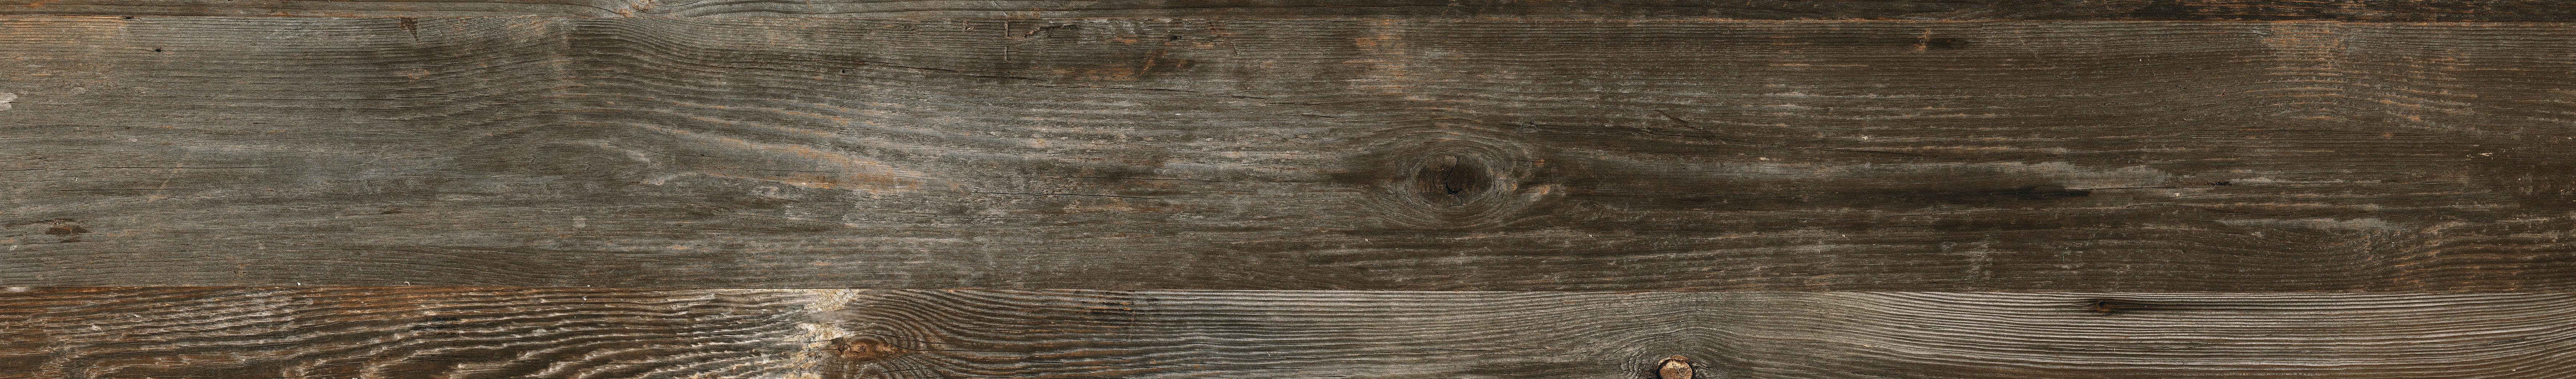 0591240, Artwood, Ruskea, lattia,pakkasenkesto,liukastumisenesto